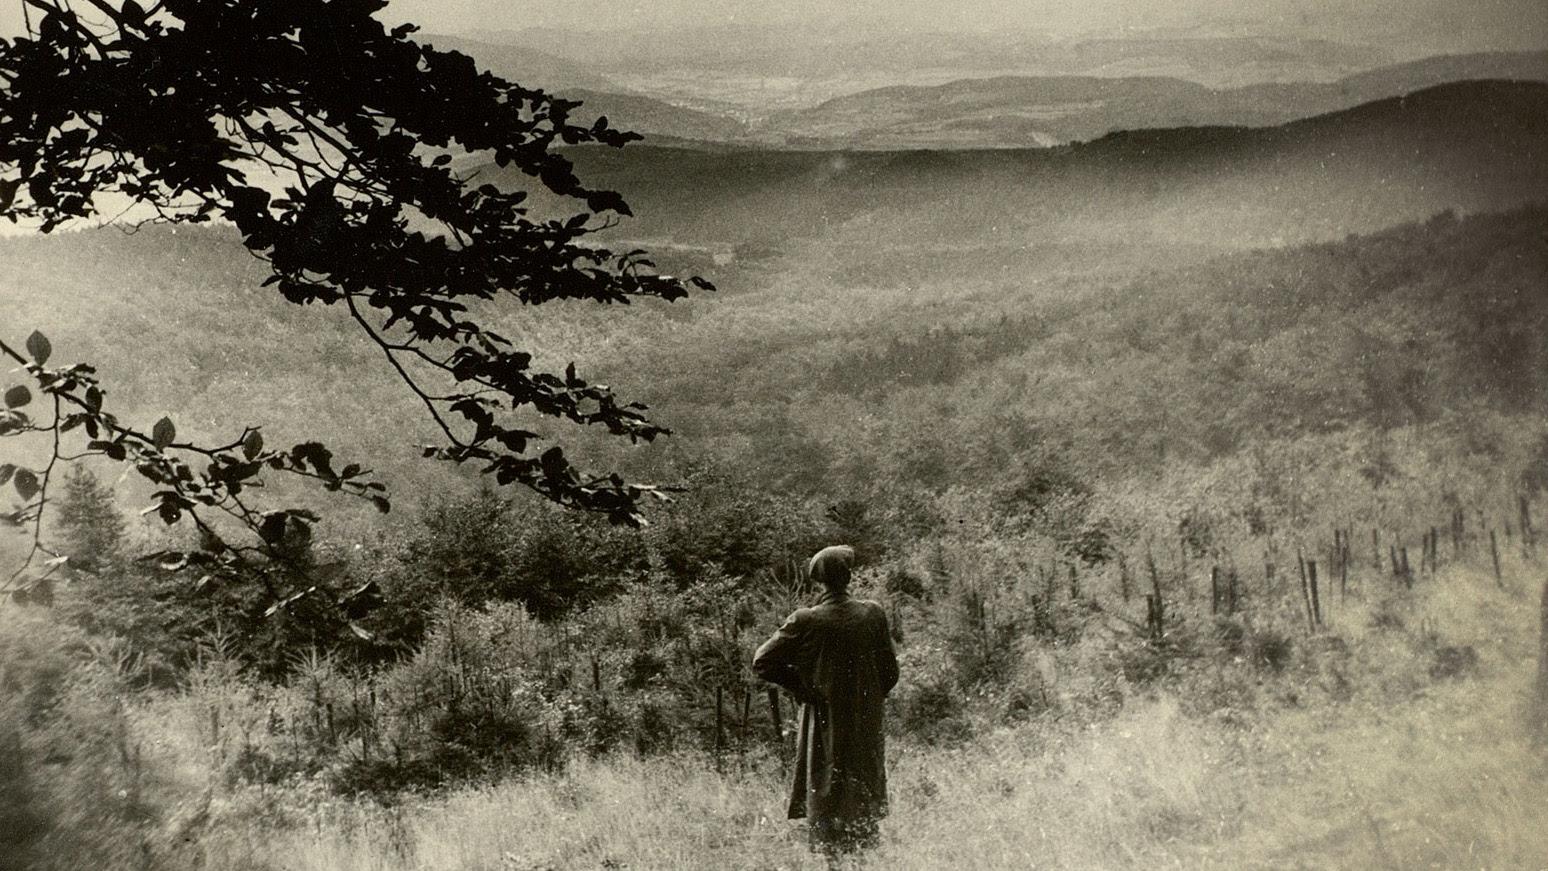 Jürgen von der Wense in the Kaufungen Forest, North Hesse, Germany, circa 1953. Photograph from the archive of Heddy Esche.